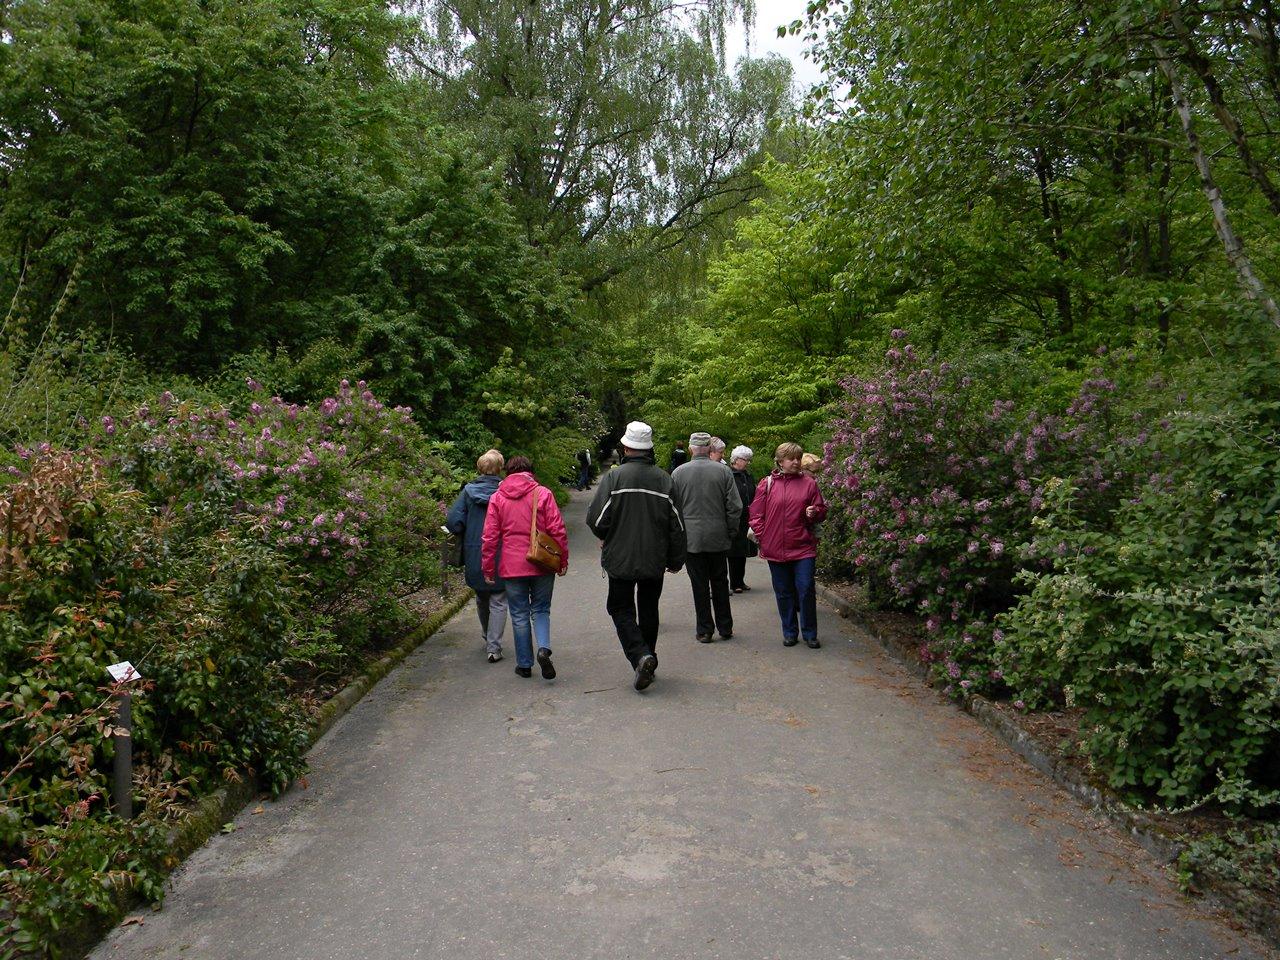 zwiedzanie arboretum w Kórniku, alejki